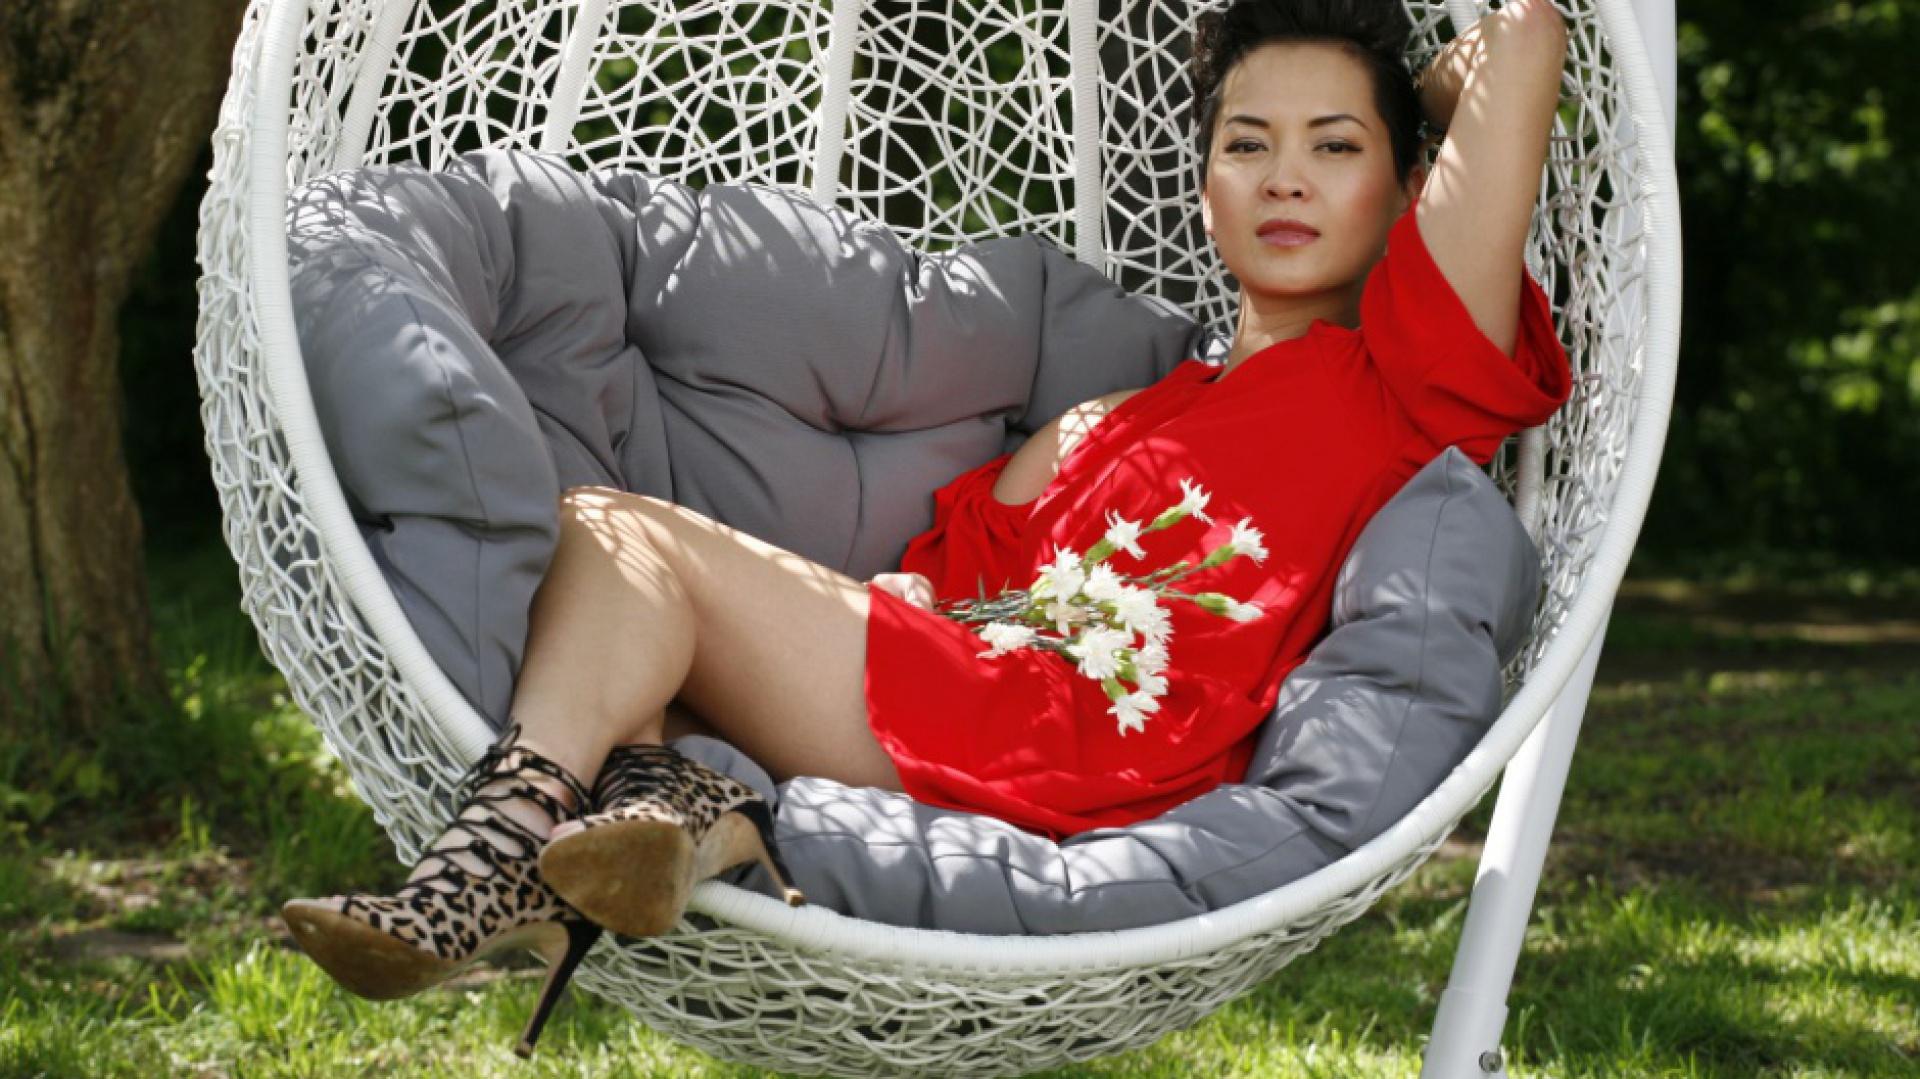 Natalia Nguyen